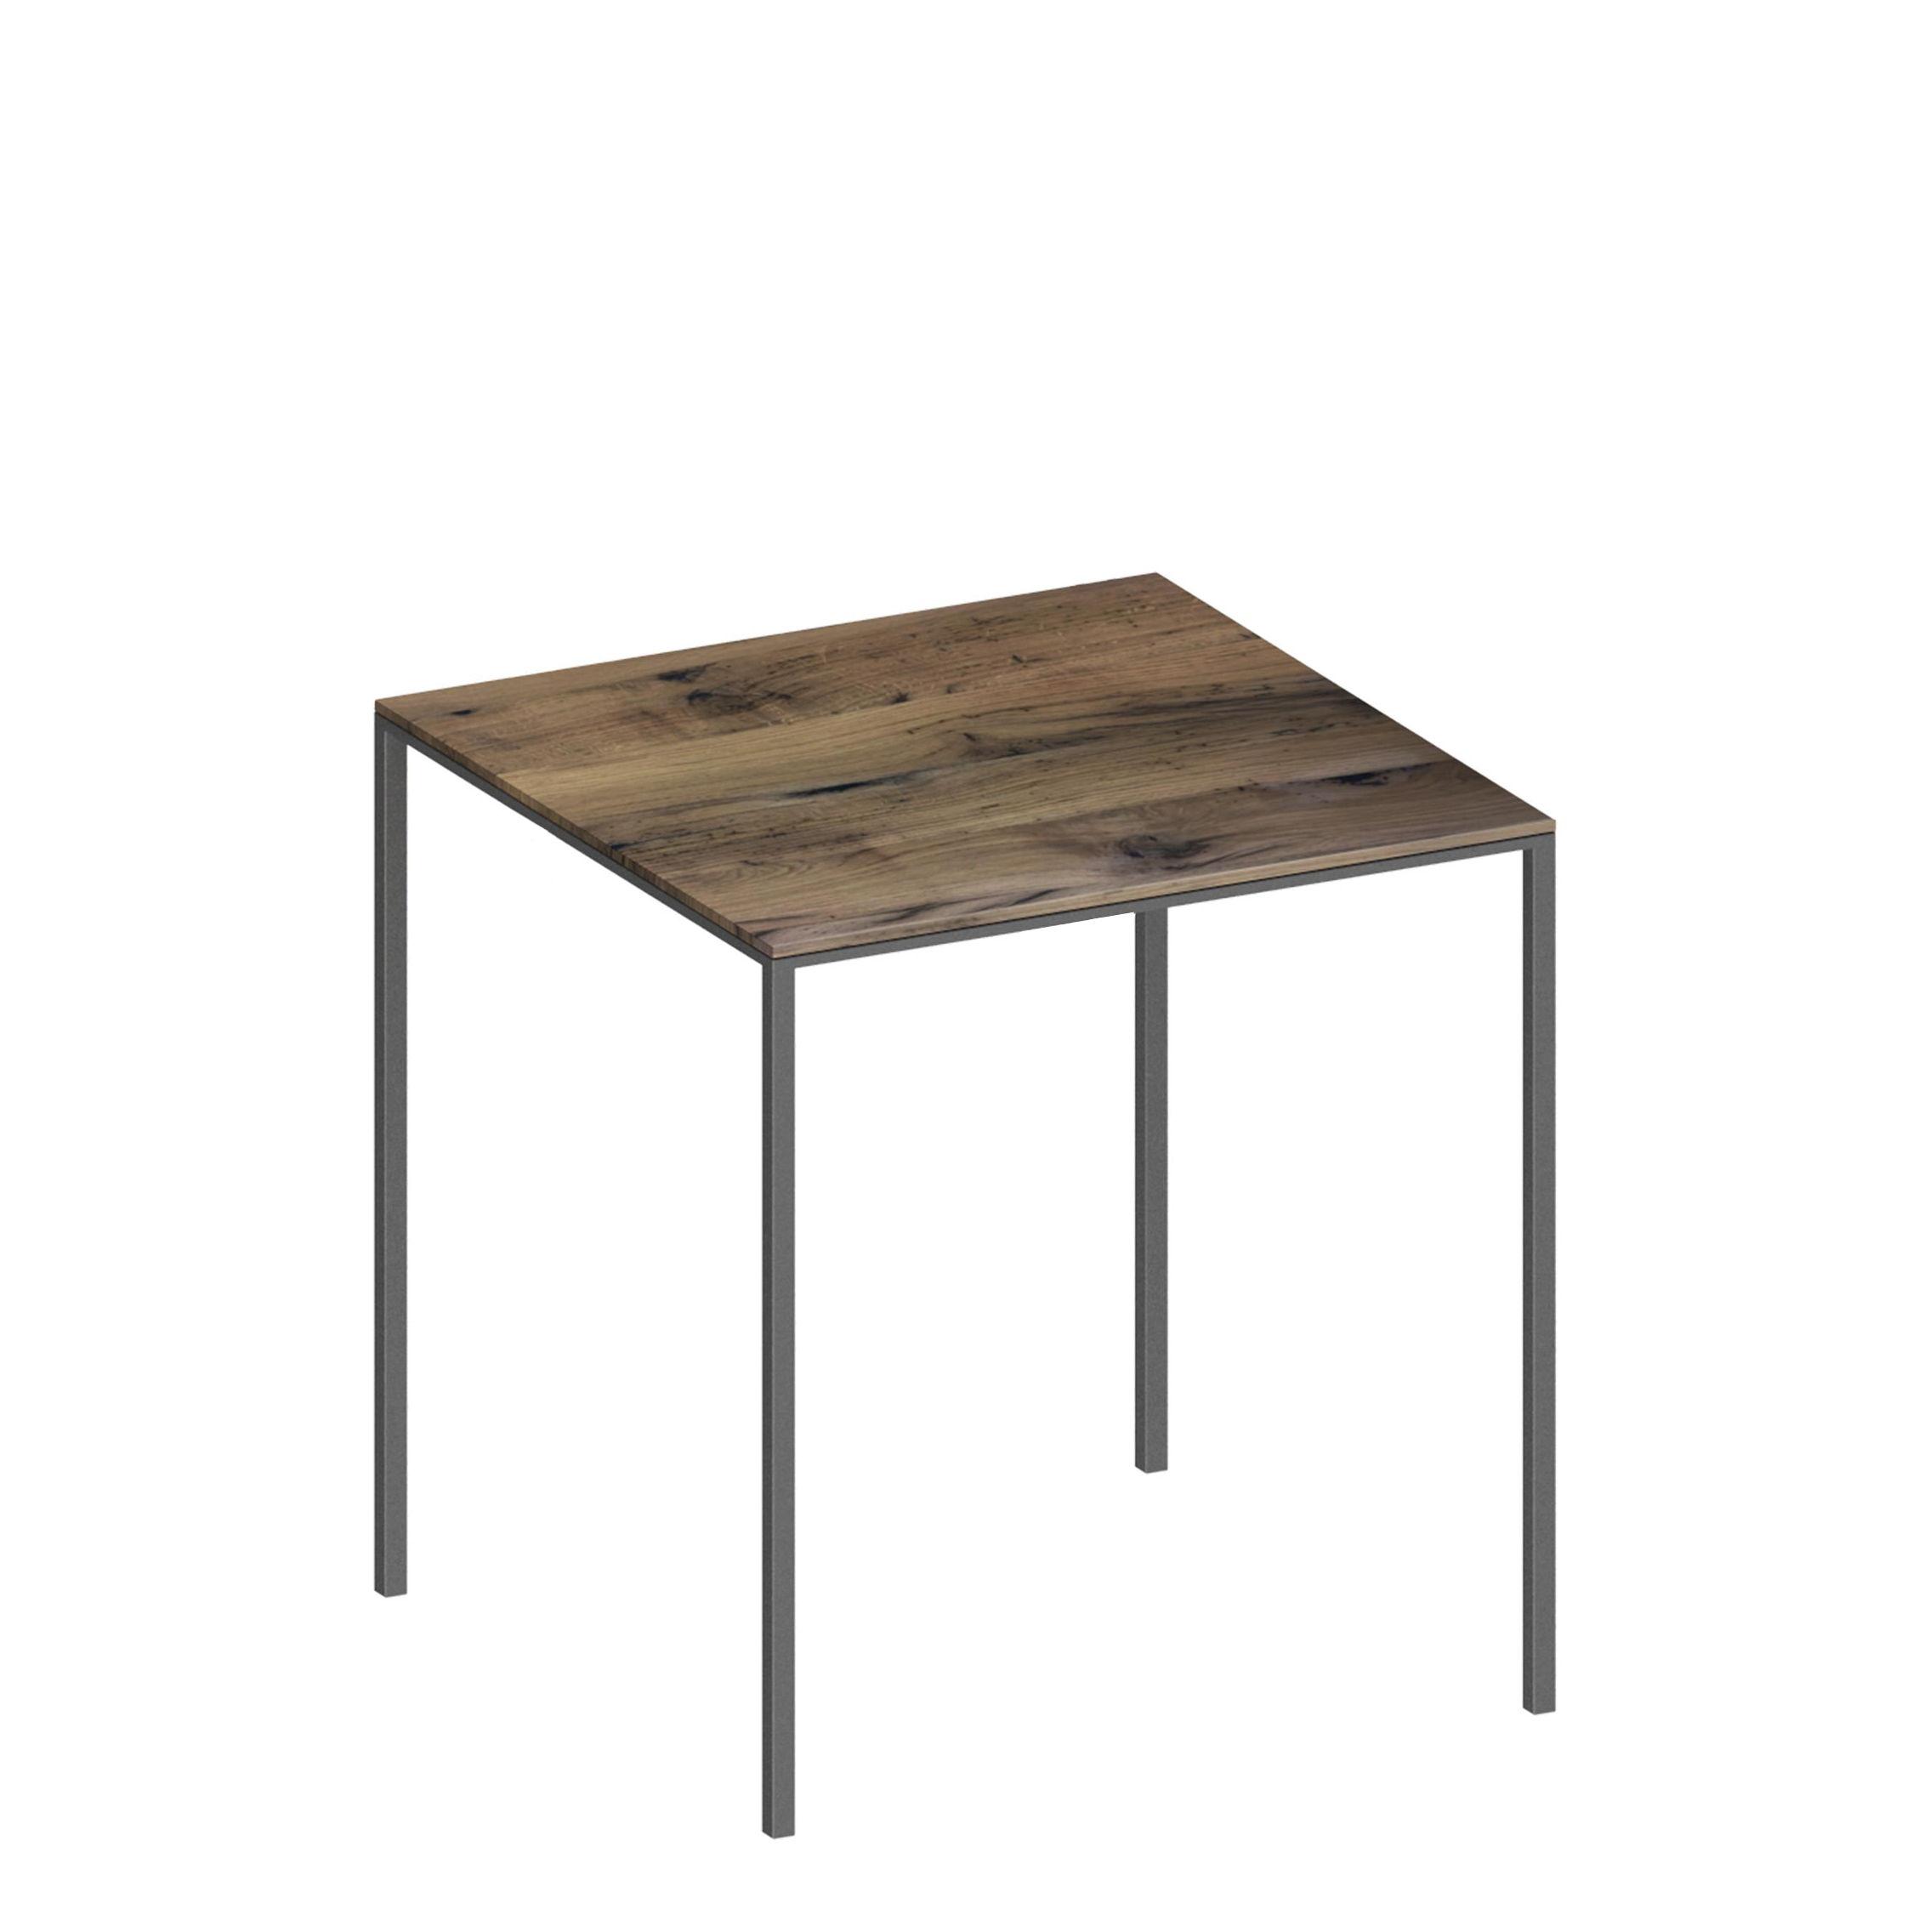 Arredamento - Tavoli - Tavolo quadrato Mini Tavolo - / Legno - 99 x 99 cm di Zeus - Grigio / Quercia massello - Acciaio verniciato epossidico, Bois de rouvre massif